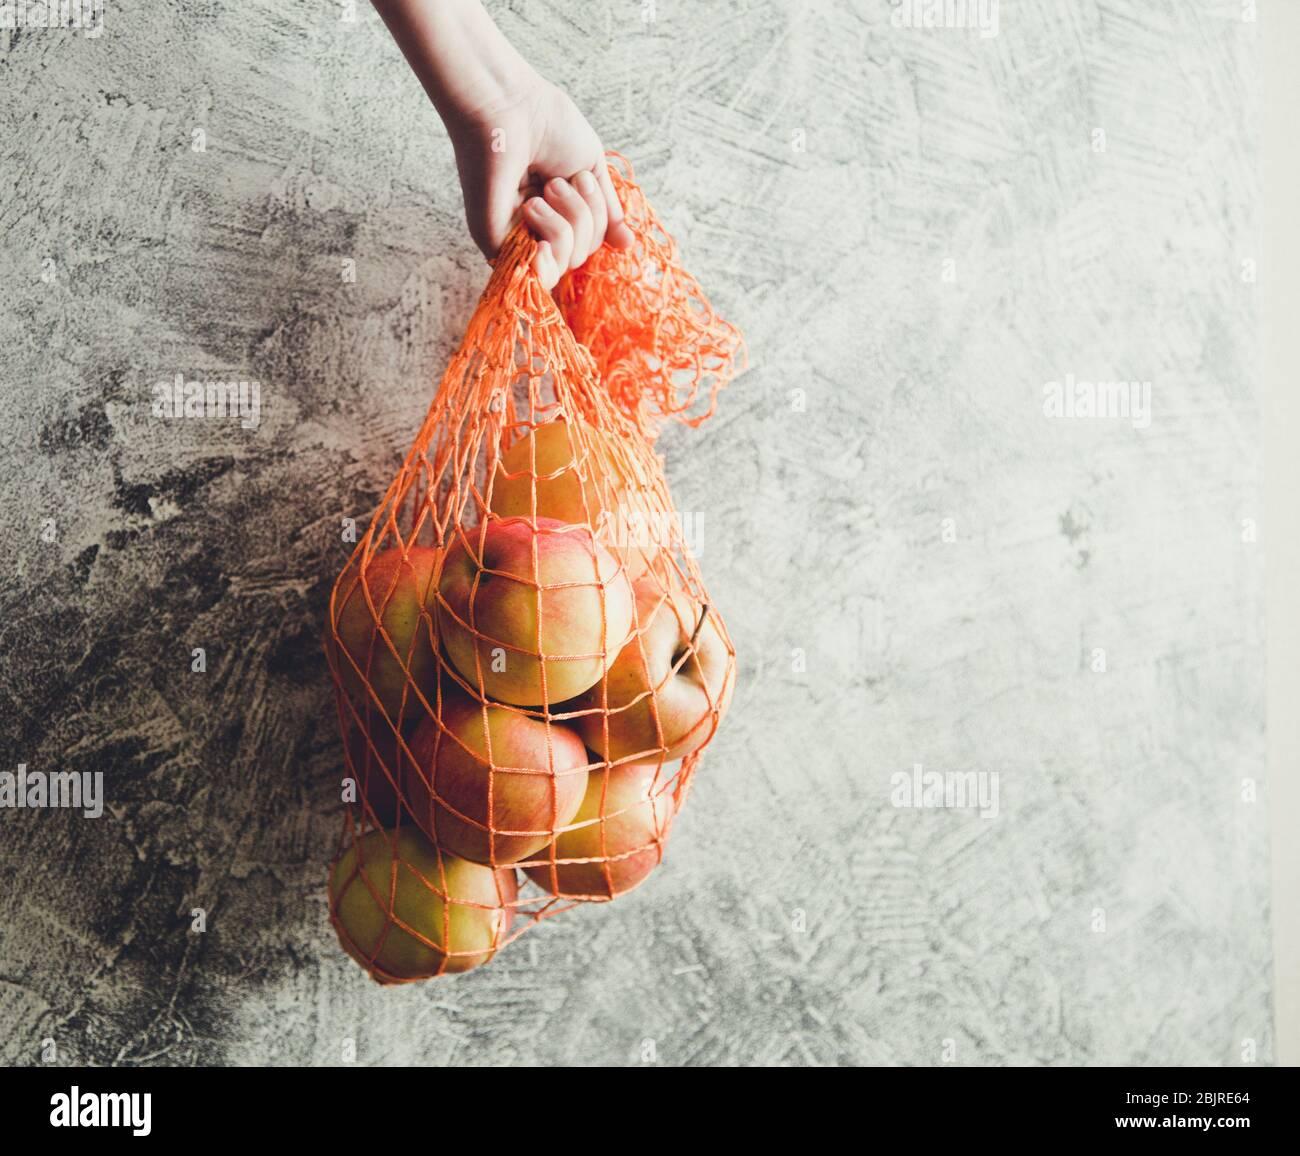 Konzept-Ökologie, Naturschutz, keine Plastiktüten. Wiederverwendbare Netztasche mit Äpfeln, Kopierraum/ Stockfoto